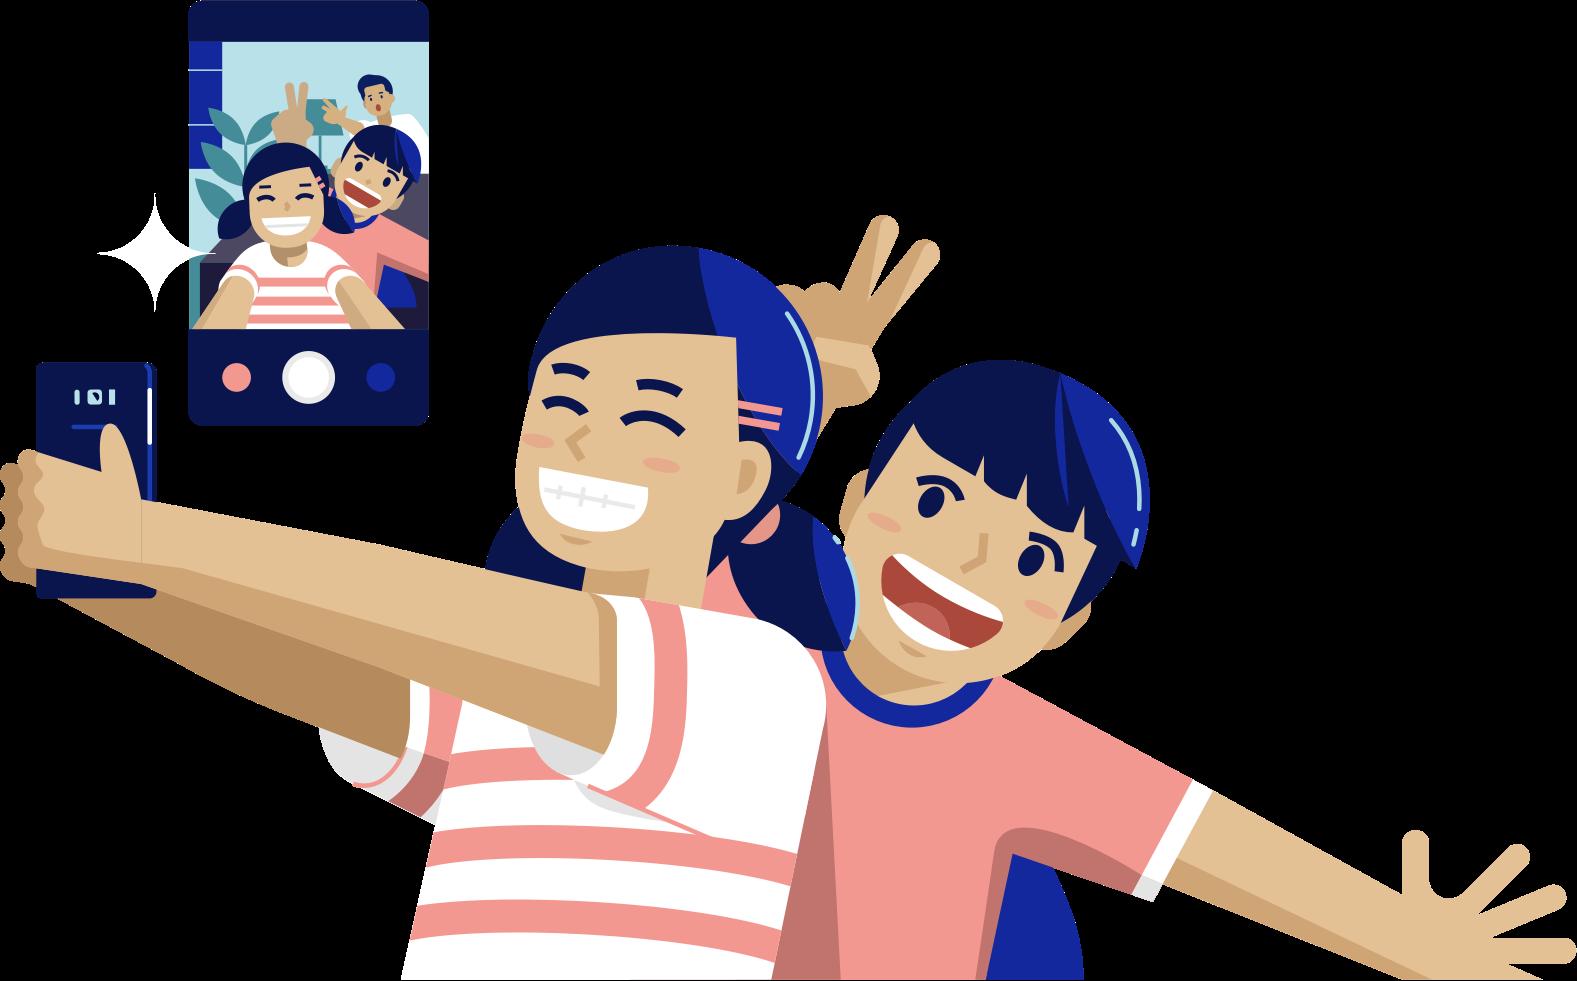 SamsungKnox_Assets_v1.2_Kids